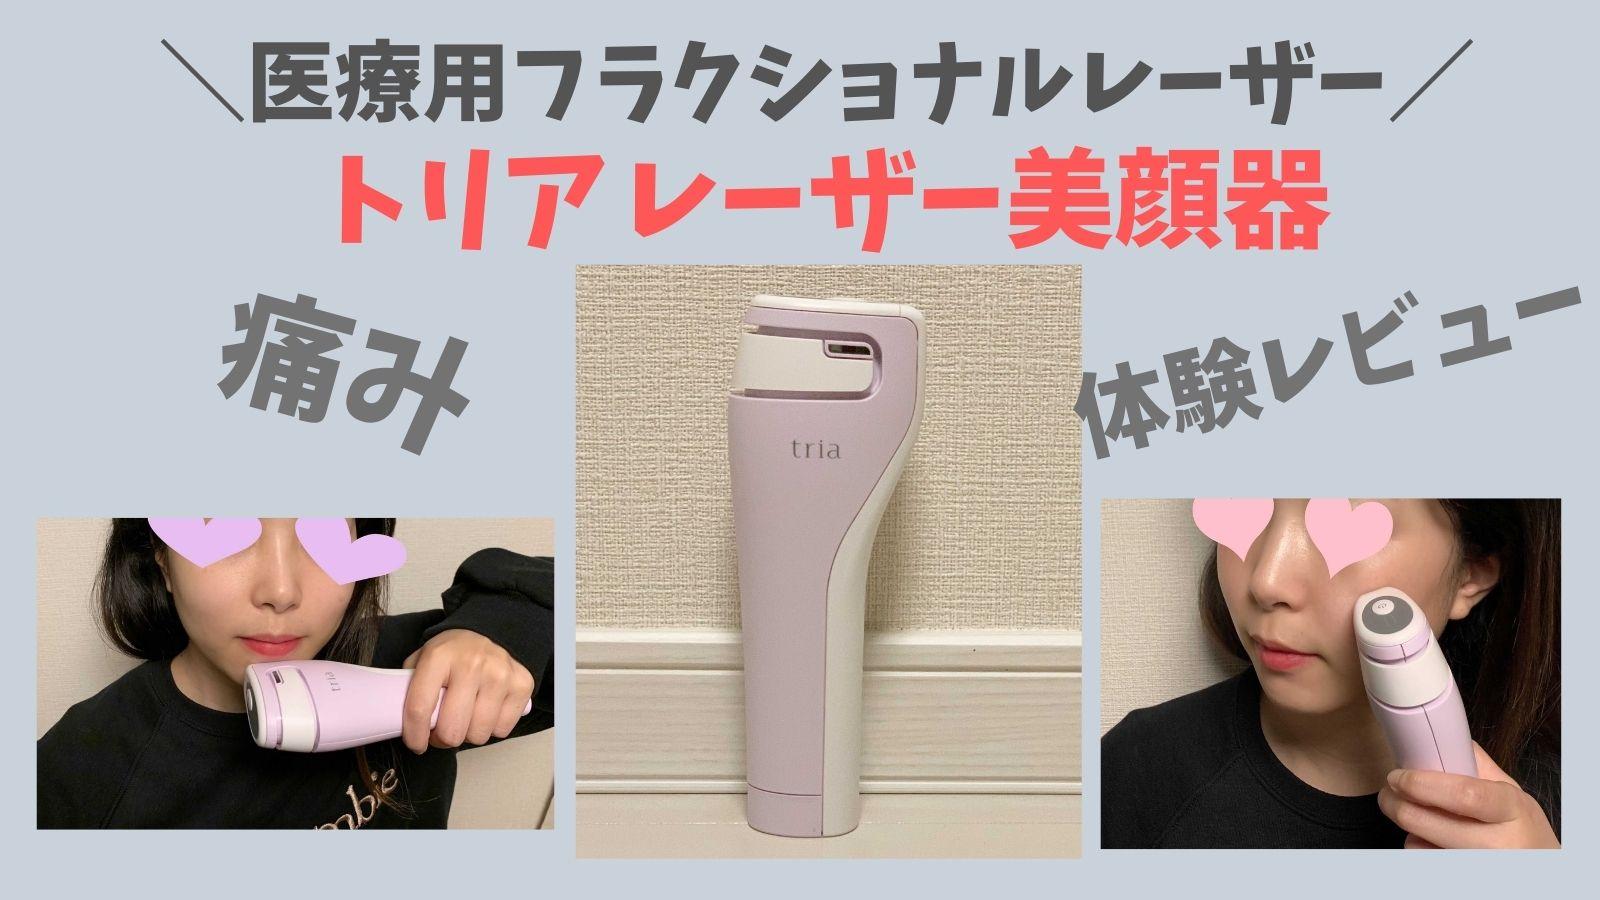 トリアのレーザー美顔器の効果・口コミ・使い方を徹底解説【実際の写真あり】